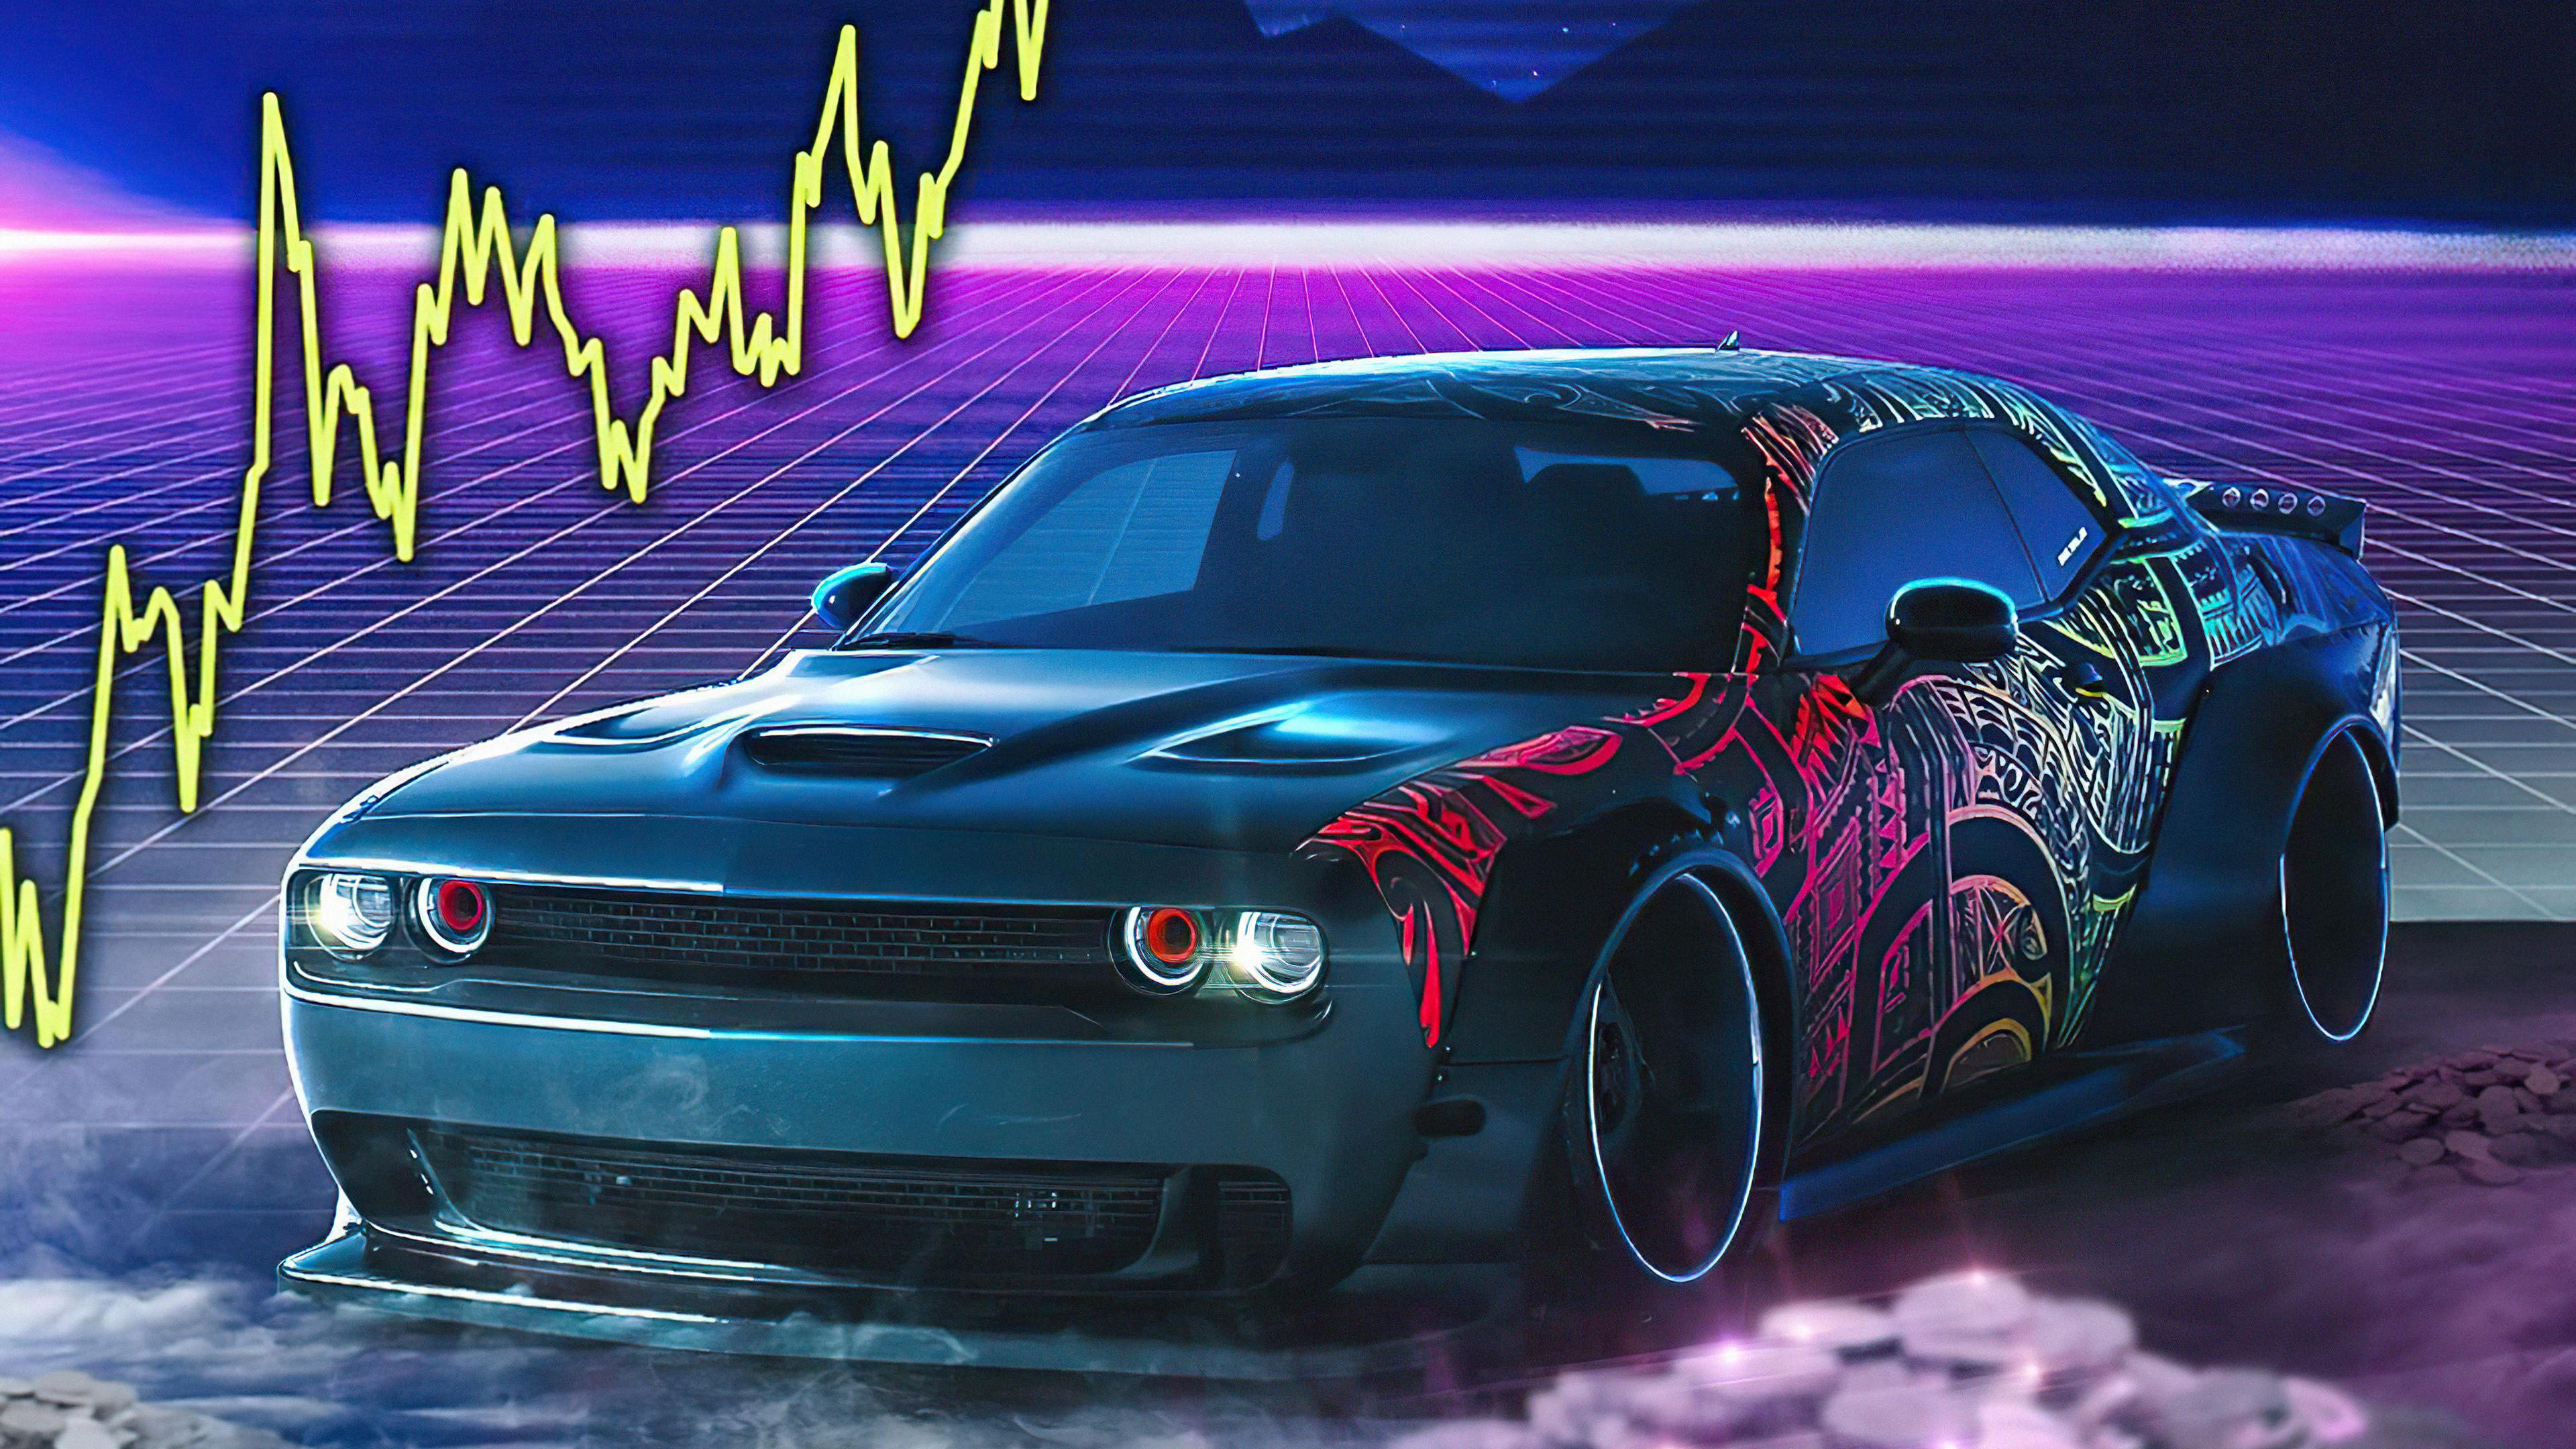 dodge challenger srt retro waves 4k 1618920300 - Dodge Challenger Srt Retro Waves 4k - Dodge Challenger Srt Retro Waves 4k wallpapers